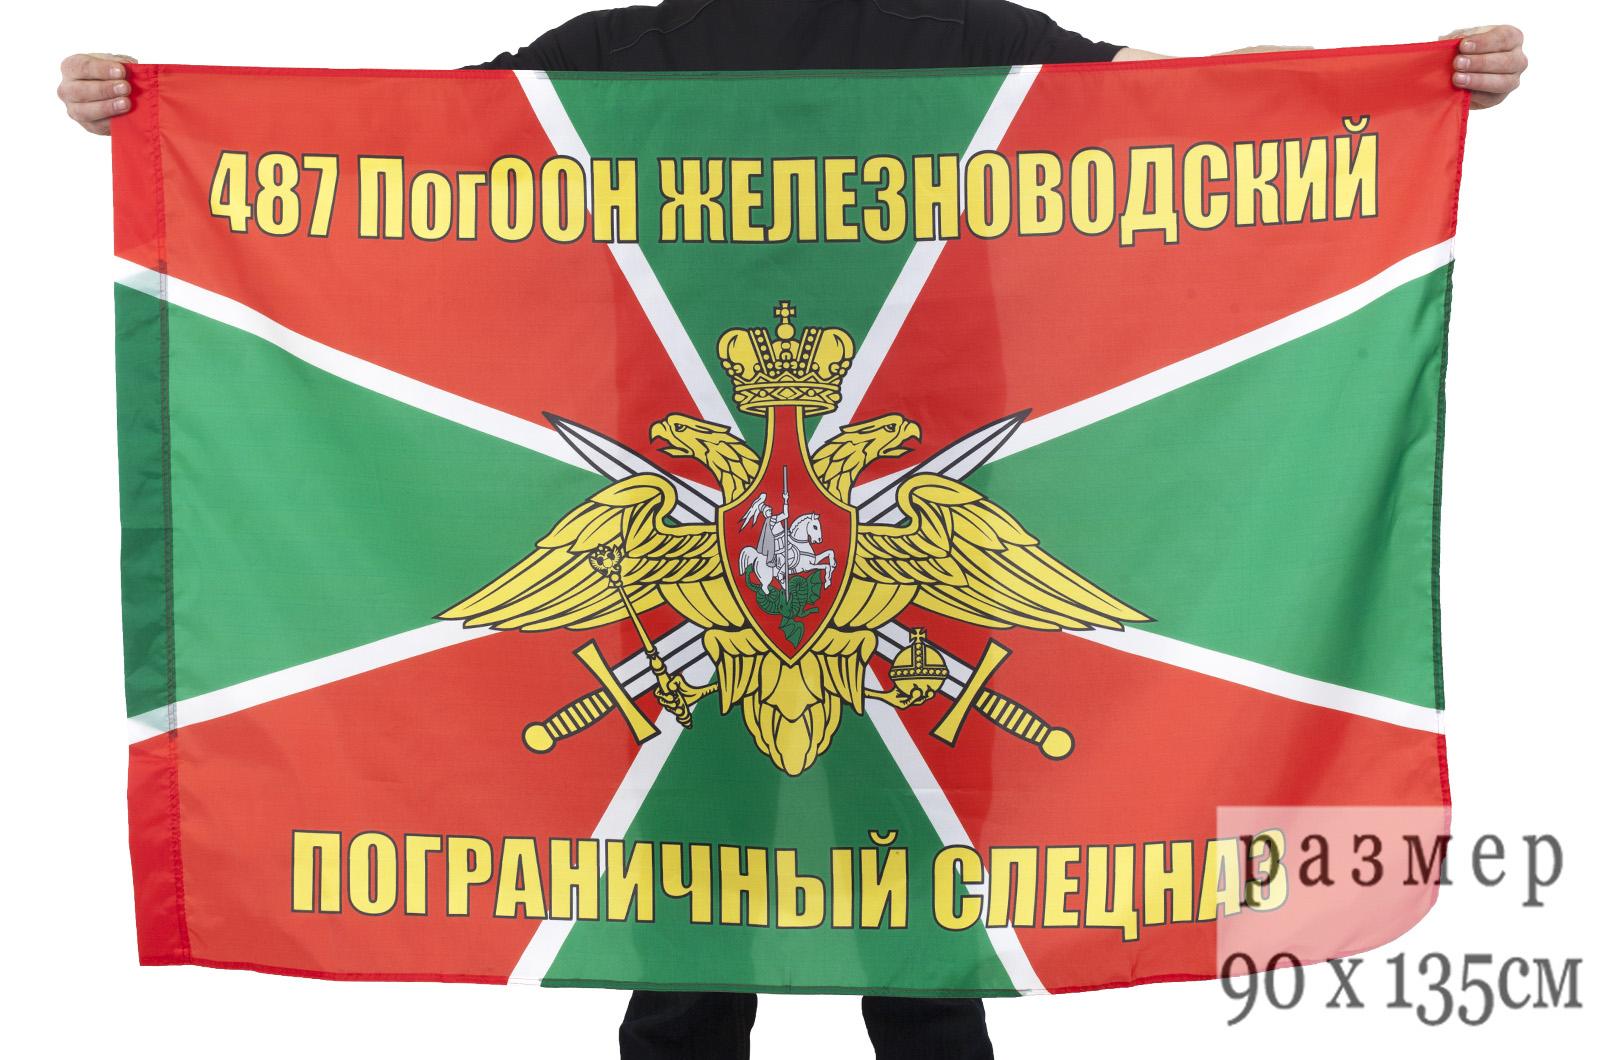 Купить флаг 487 Железноводский ПогООН